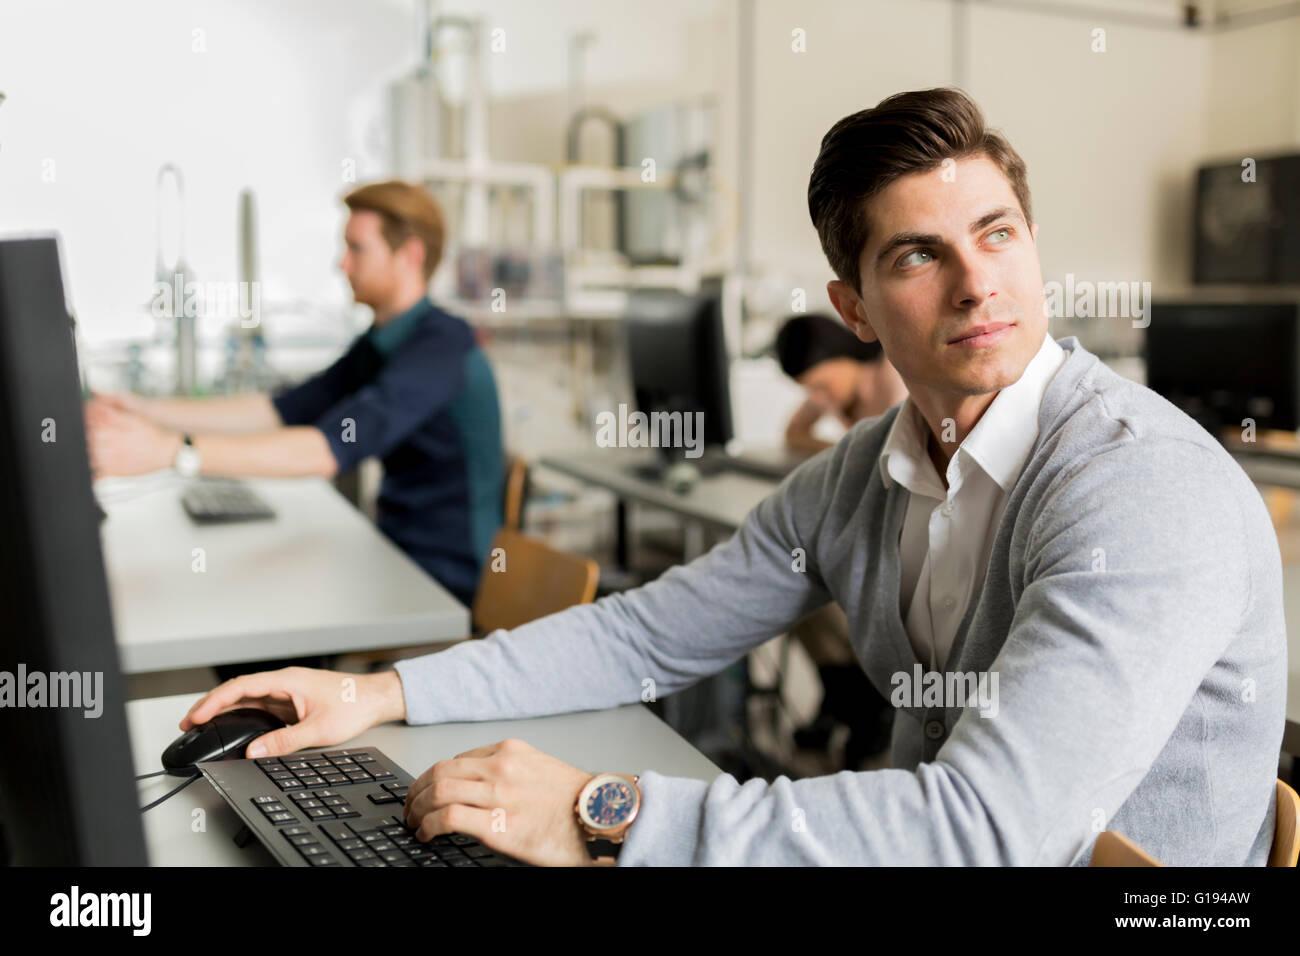 Joven apuesto estudiante utilizando el ordenador en el aula Imagen De Stock